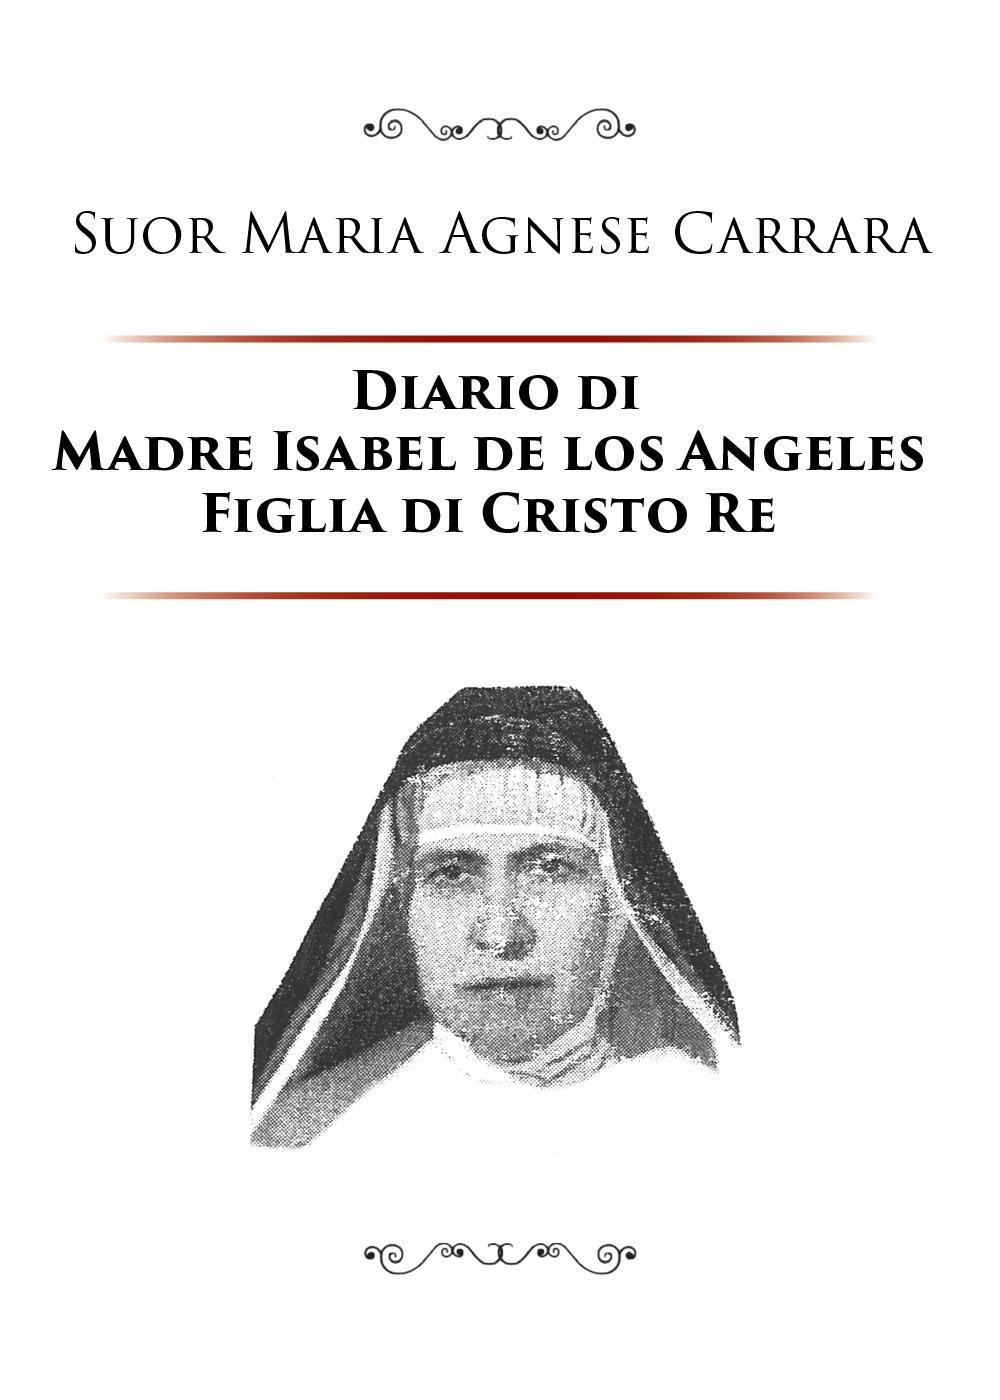 Diario di Madre Isabel de los Angeles Figlia di Cristo Re